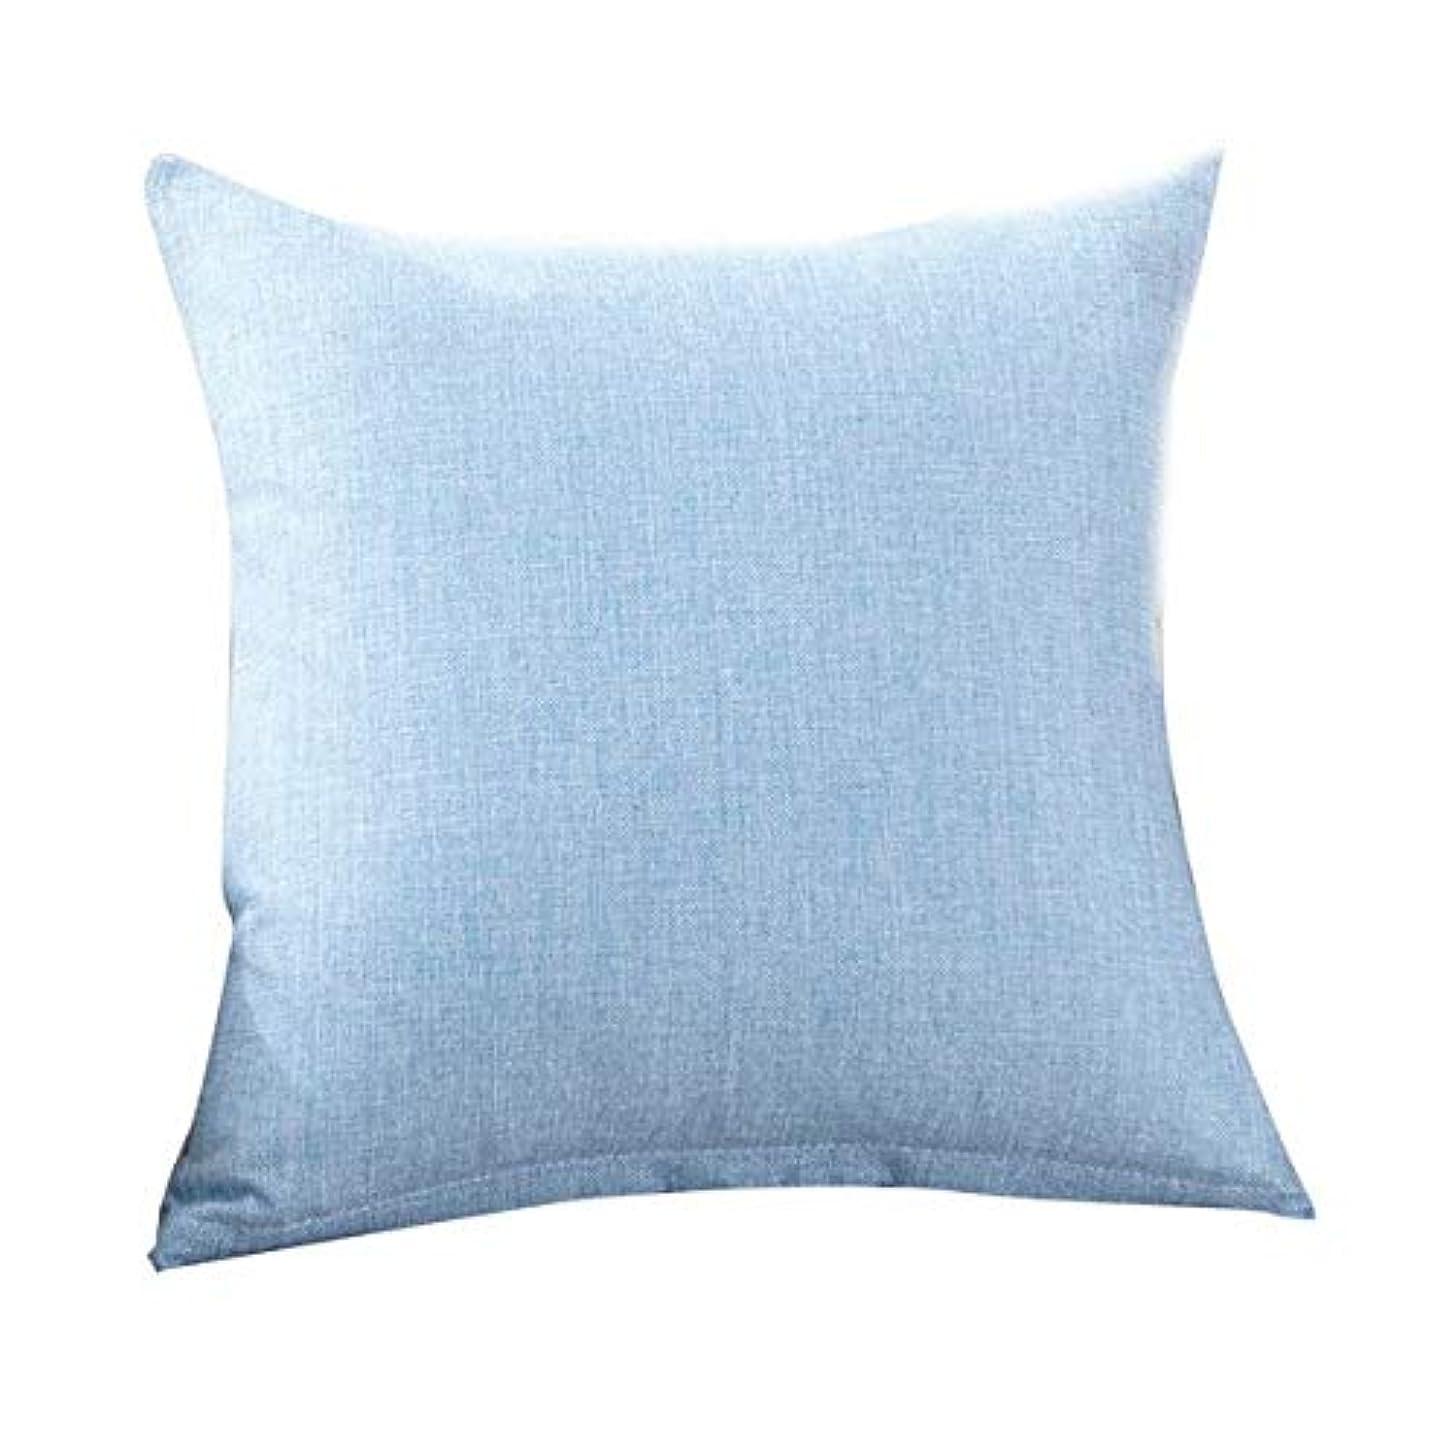 カッター荷物四面体LIFE クリエイティブシンプルなファッションスロー枕クッションカフェソファクッションのホームインテリア z0403# G20 クッション 椅子